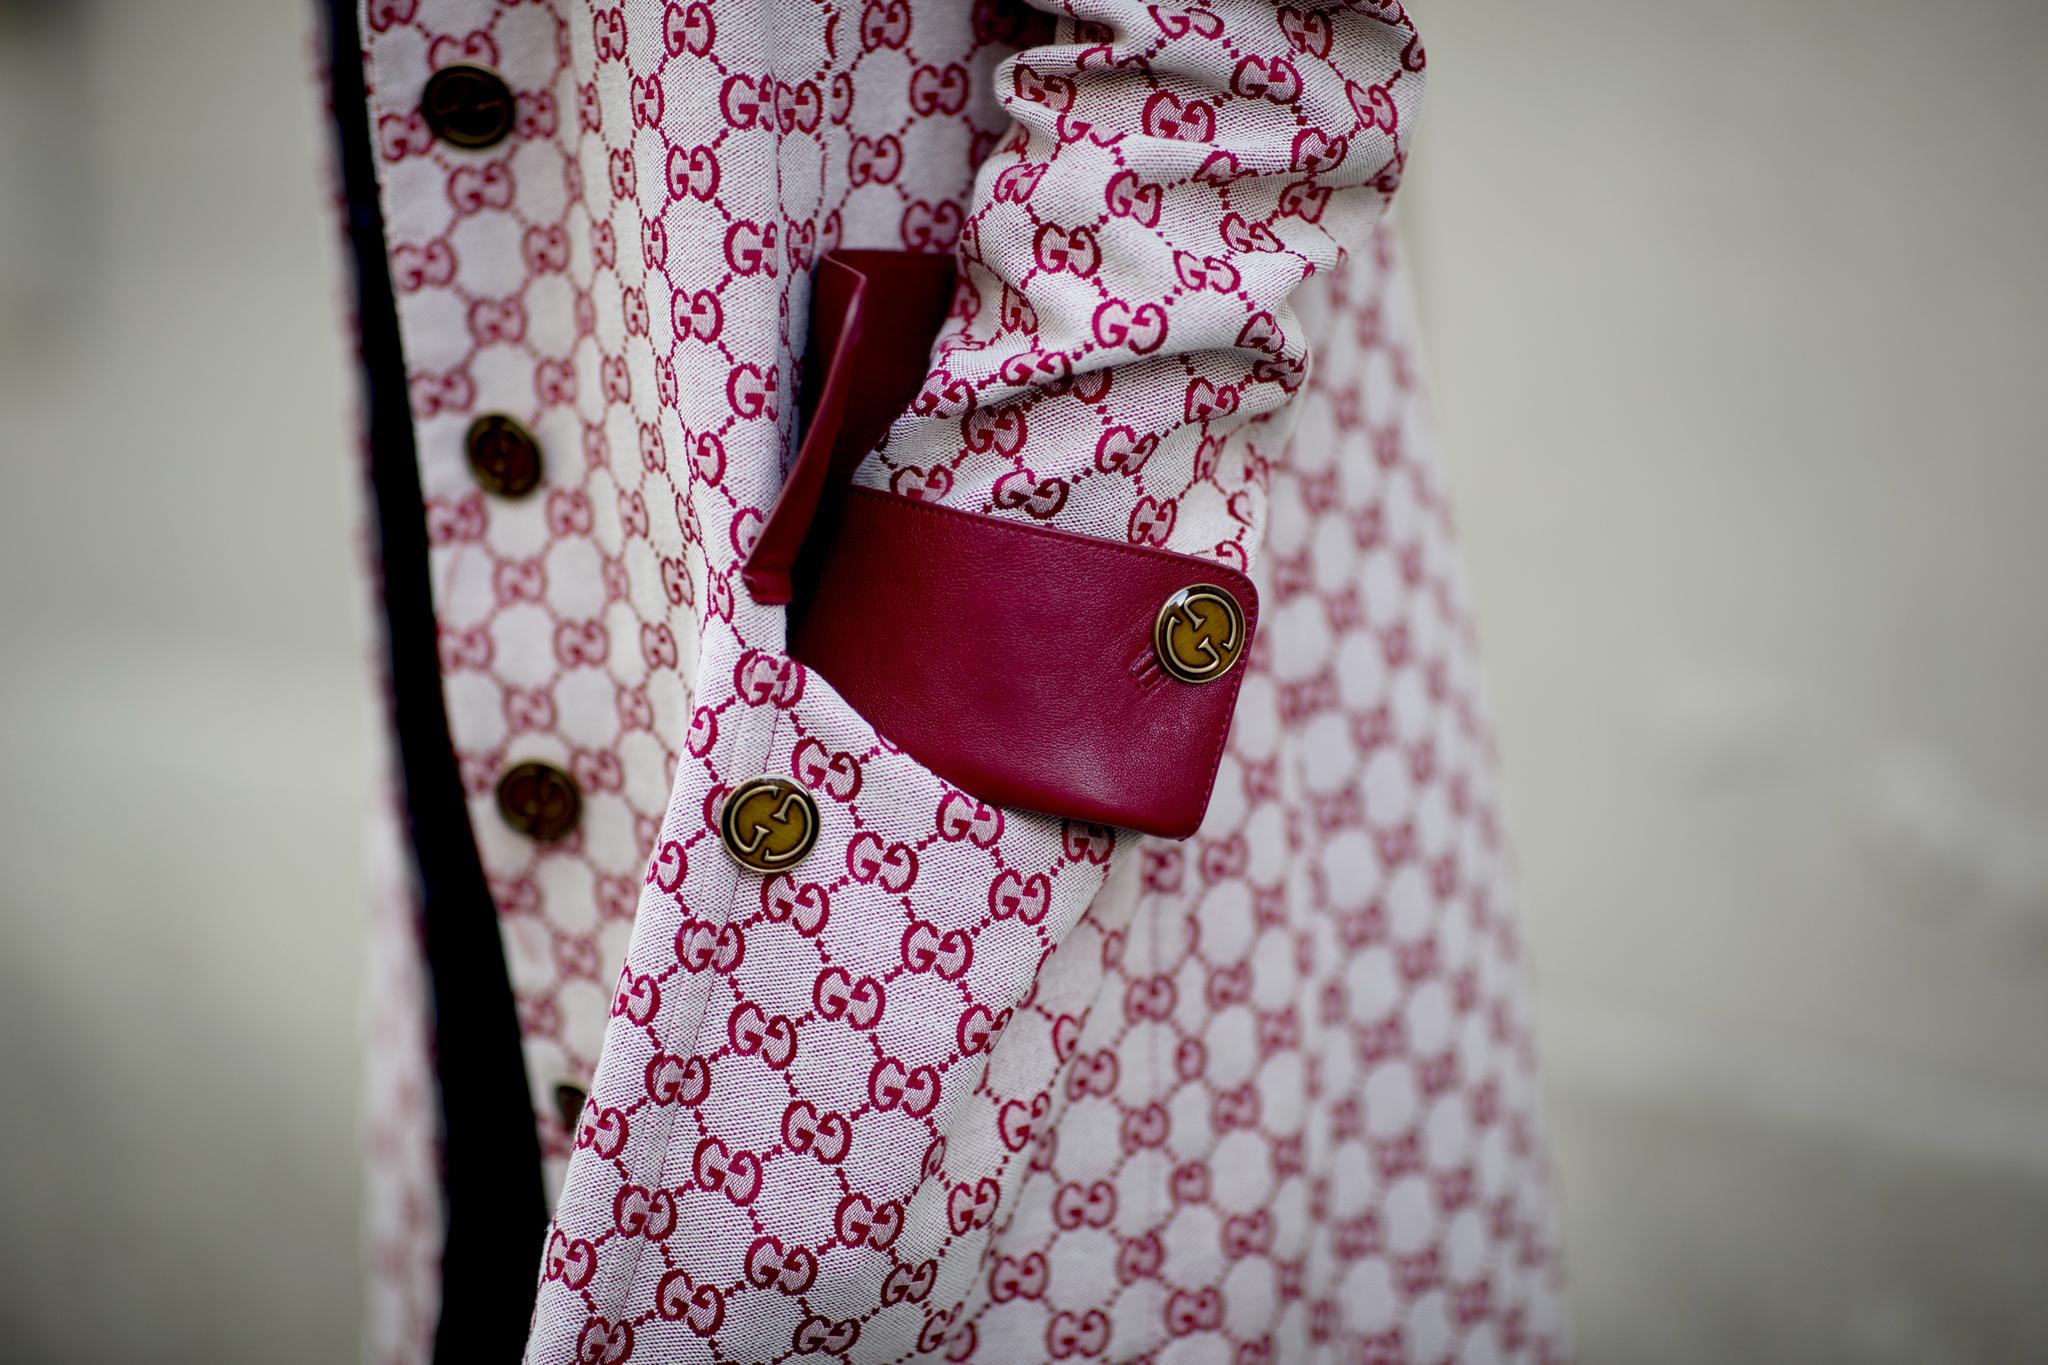 Las dos Gs de Gucci entrelazadas sobre un abrigo visto en las calles de París. Entre haberlo rescatado del legado familiar y acabar de adquirirlo en la boutique hay una línea muy fina de desconcierto.